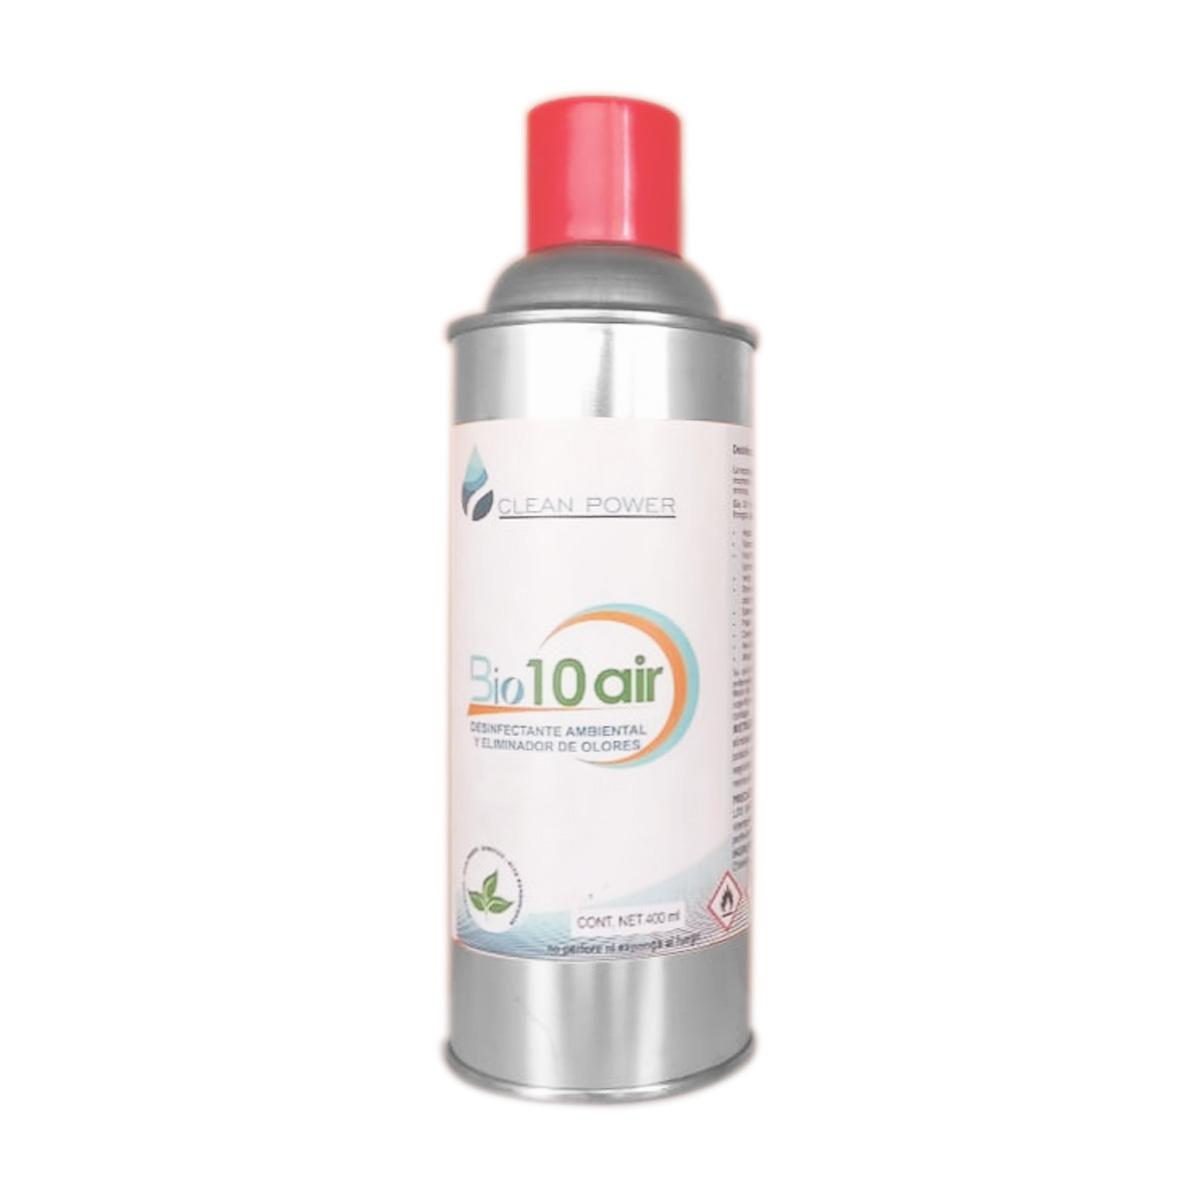 Desinfectante Limpiador Aerosol Lata 400ml Virus Bio 10 Air